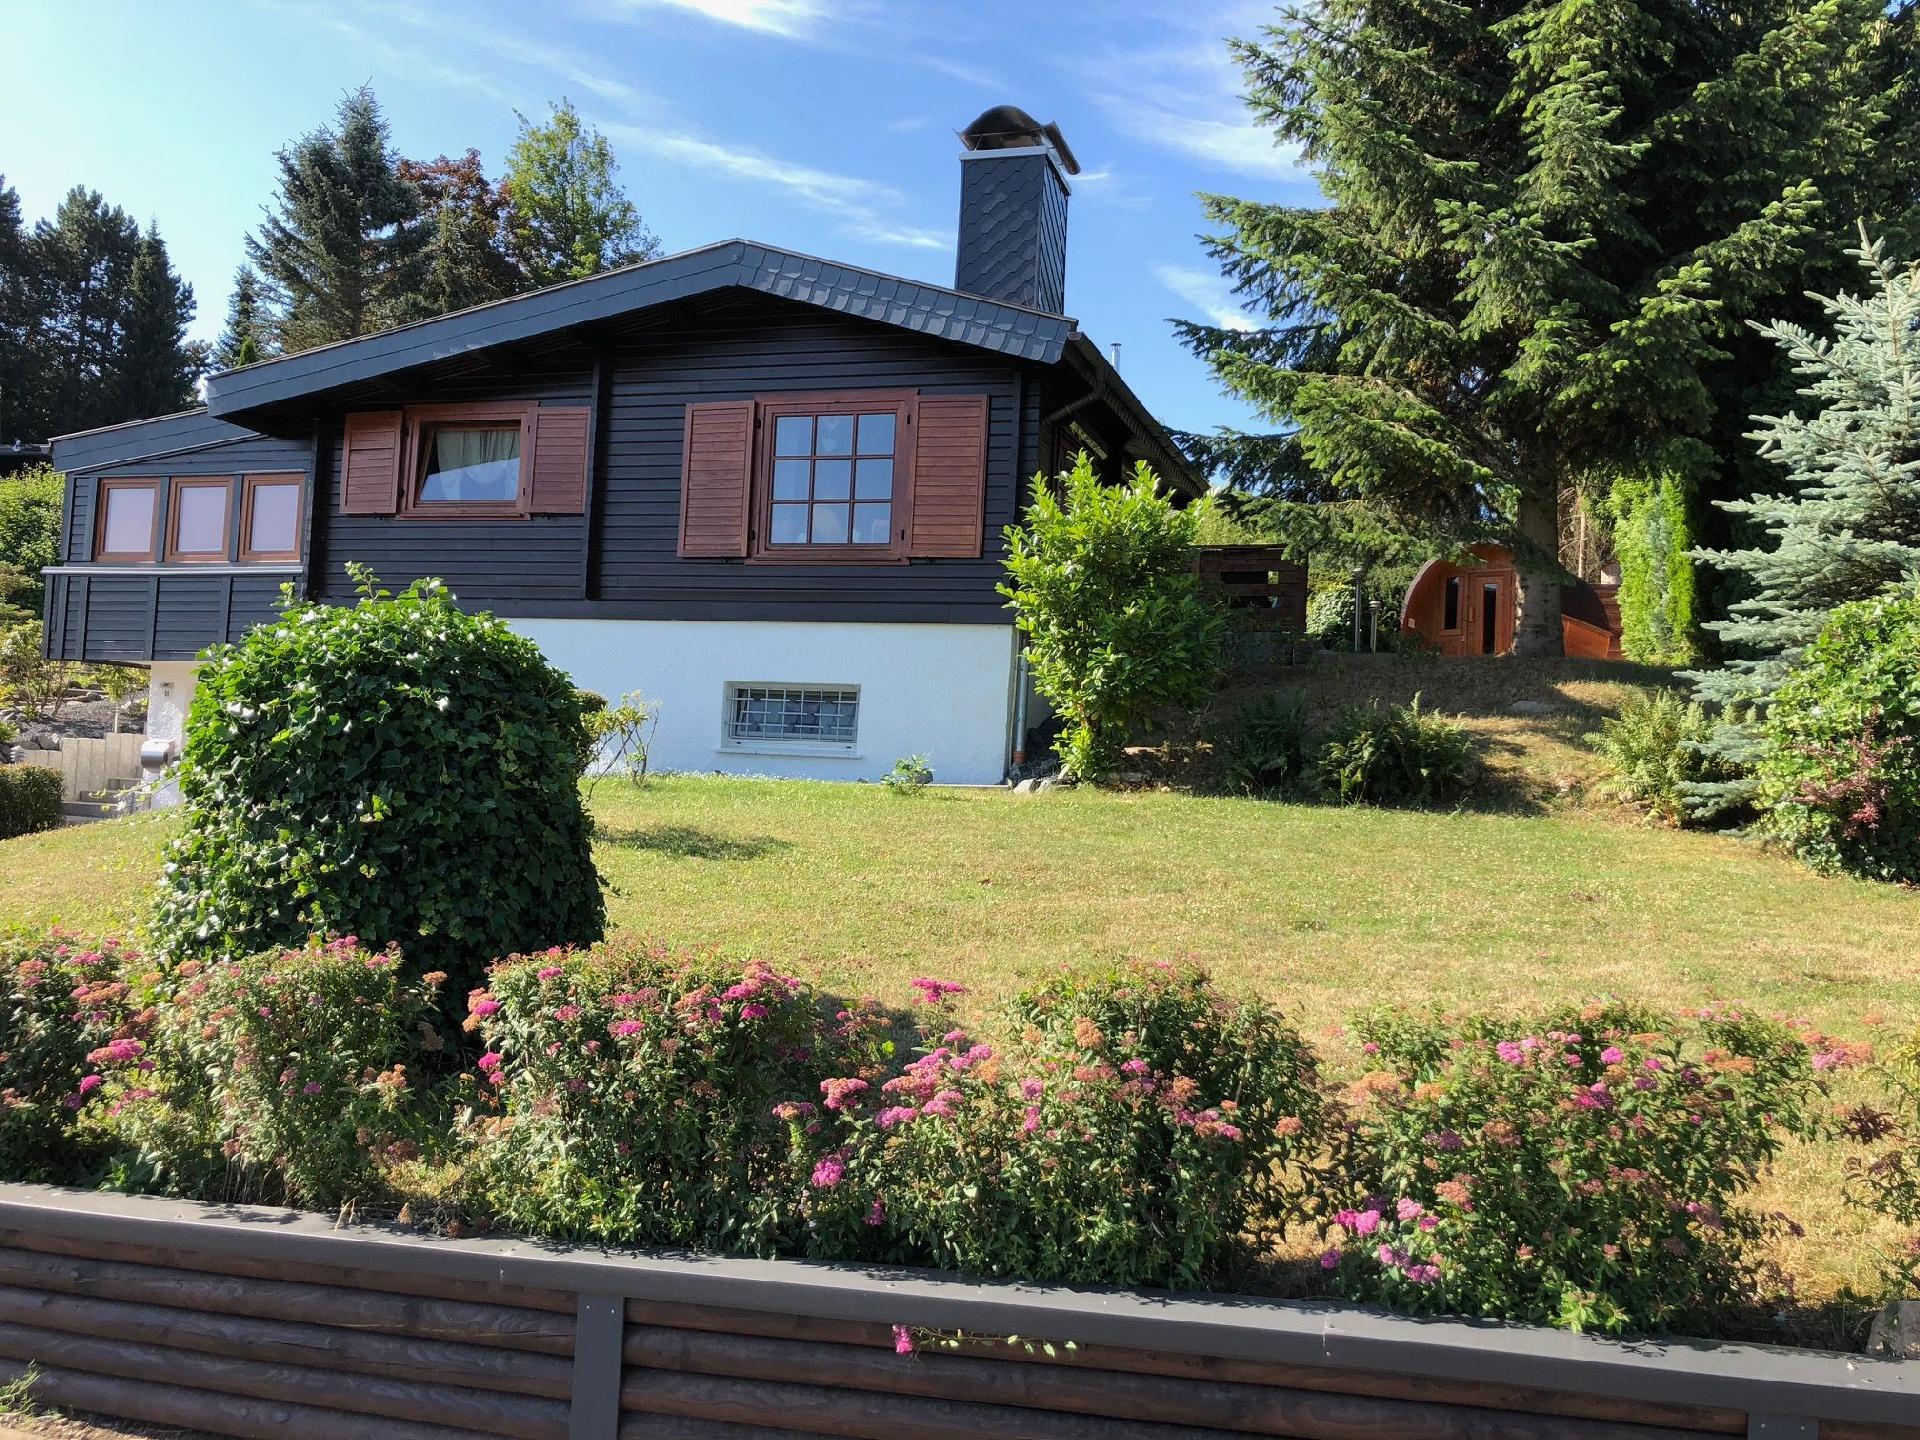 Ferienhaus für 5 Personen ca. 97 m² in B